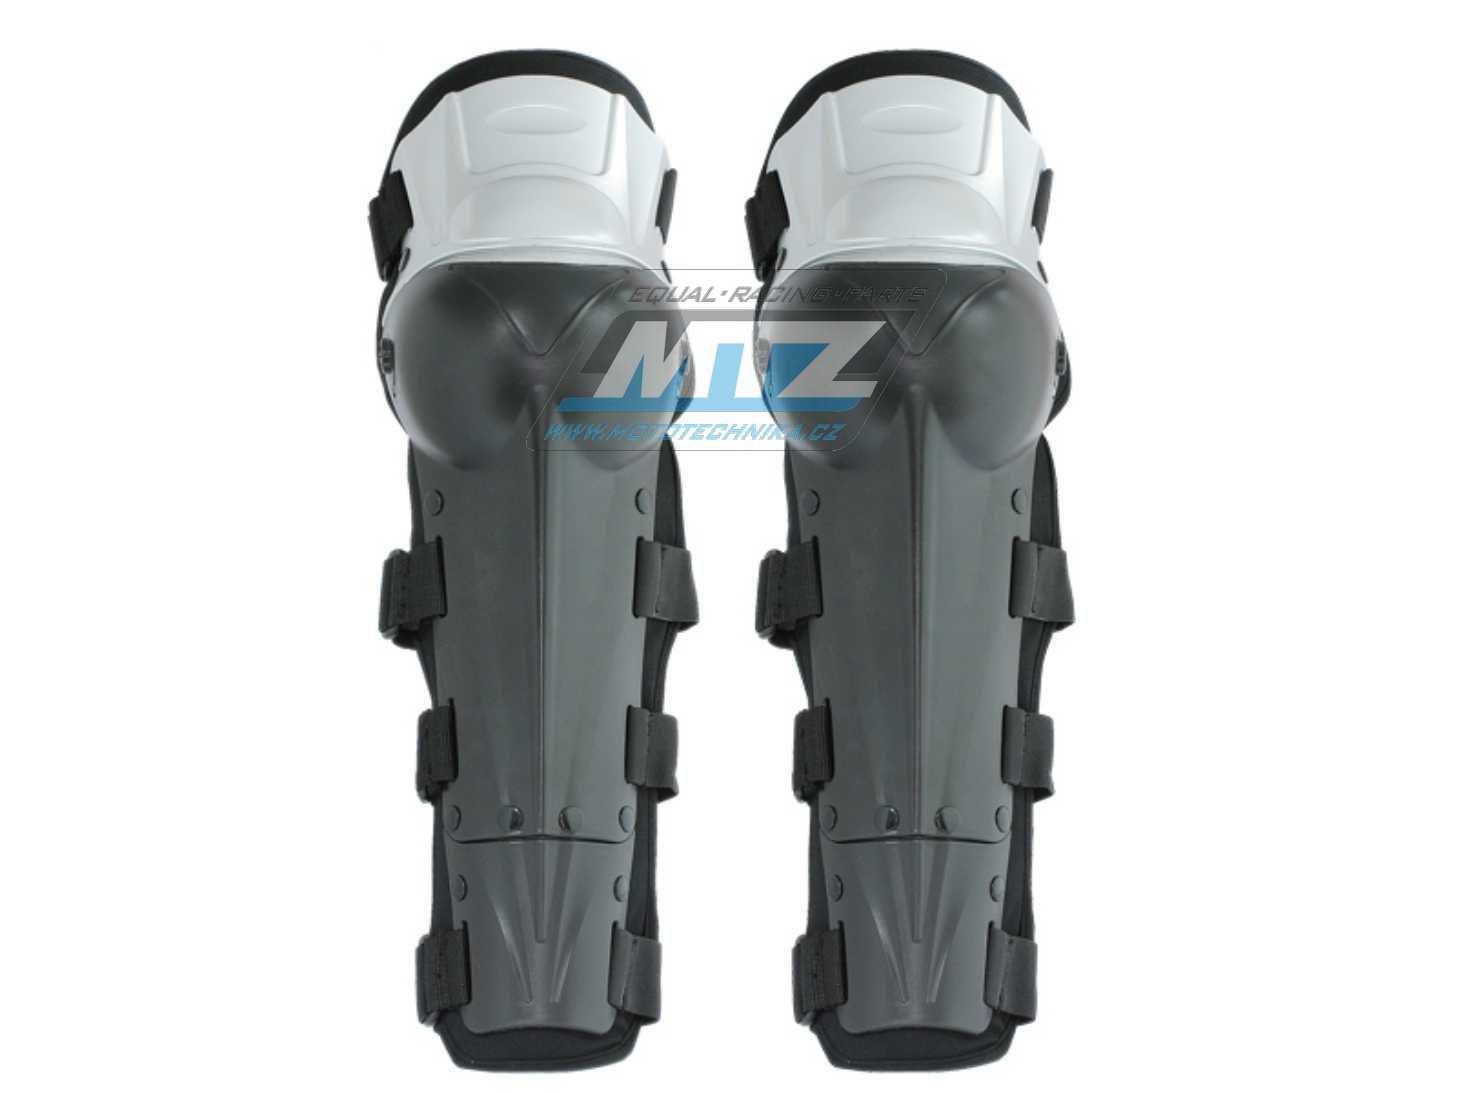 """Chránič kolen kloubový dlouhý """"Oneal"""""""